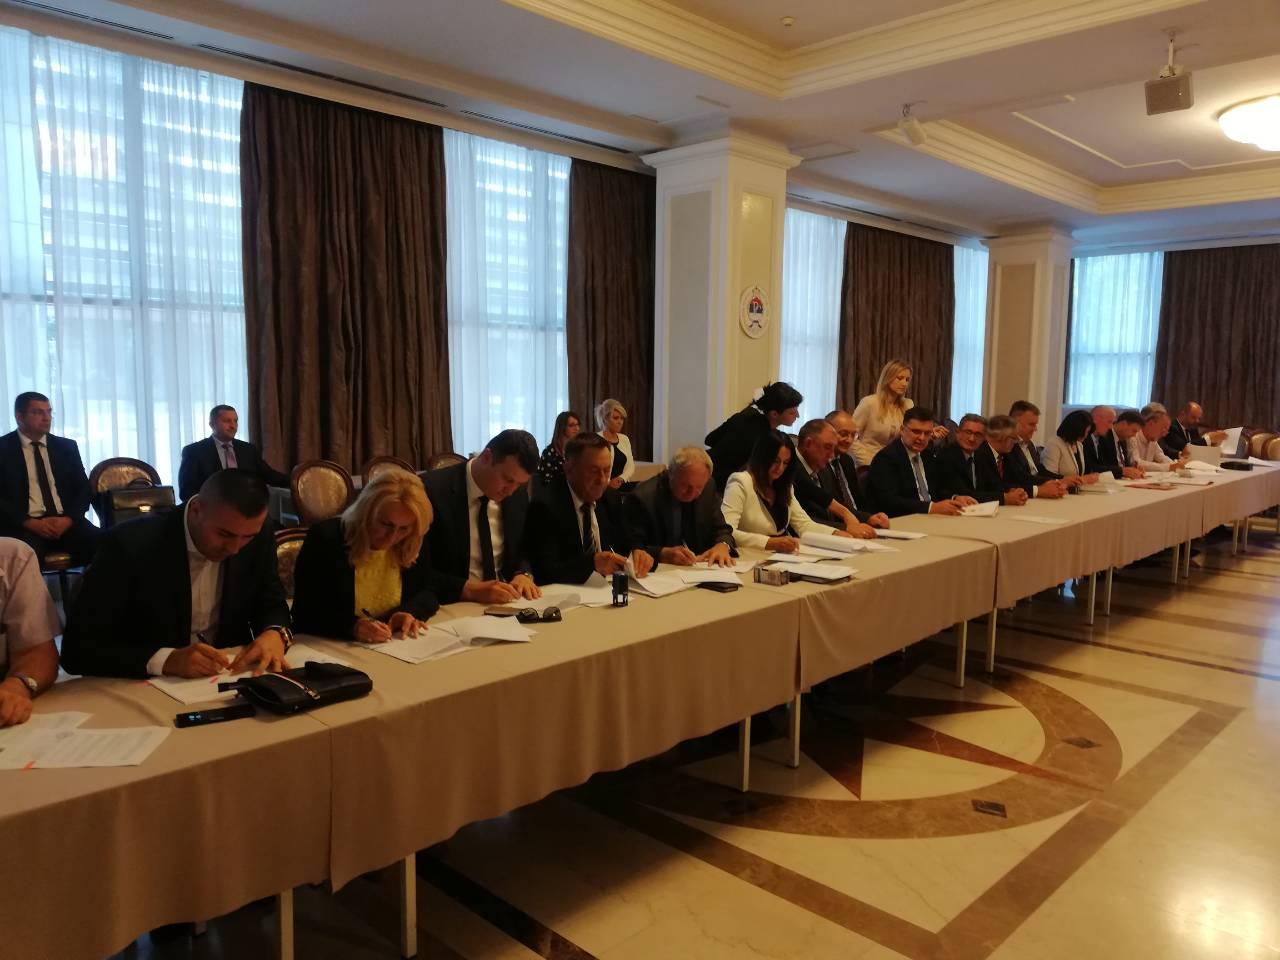 Начелница  потписала споразум о изградње спортско-рекреативног центра ''Луке''